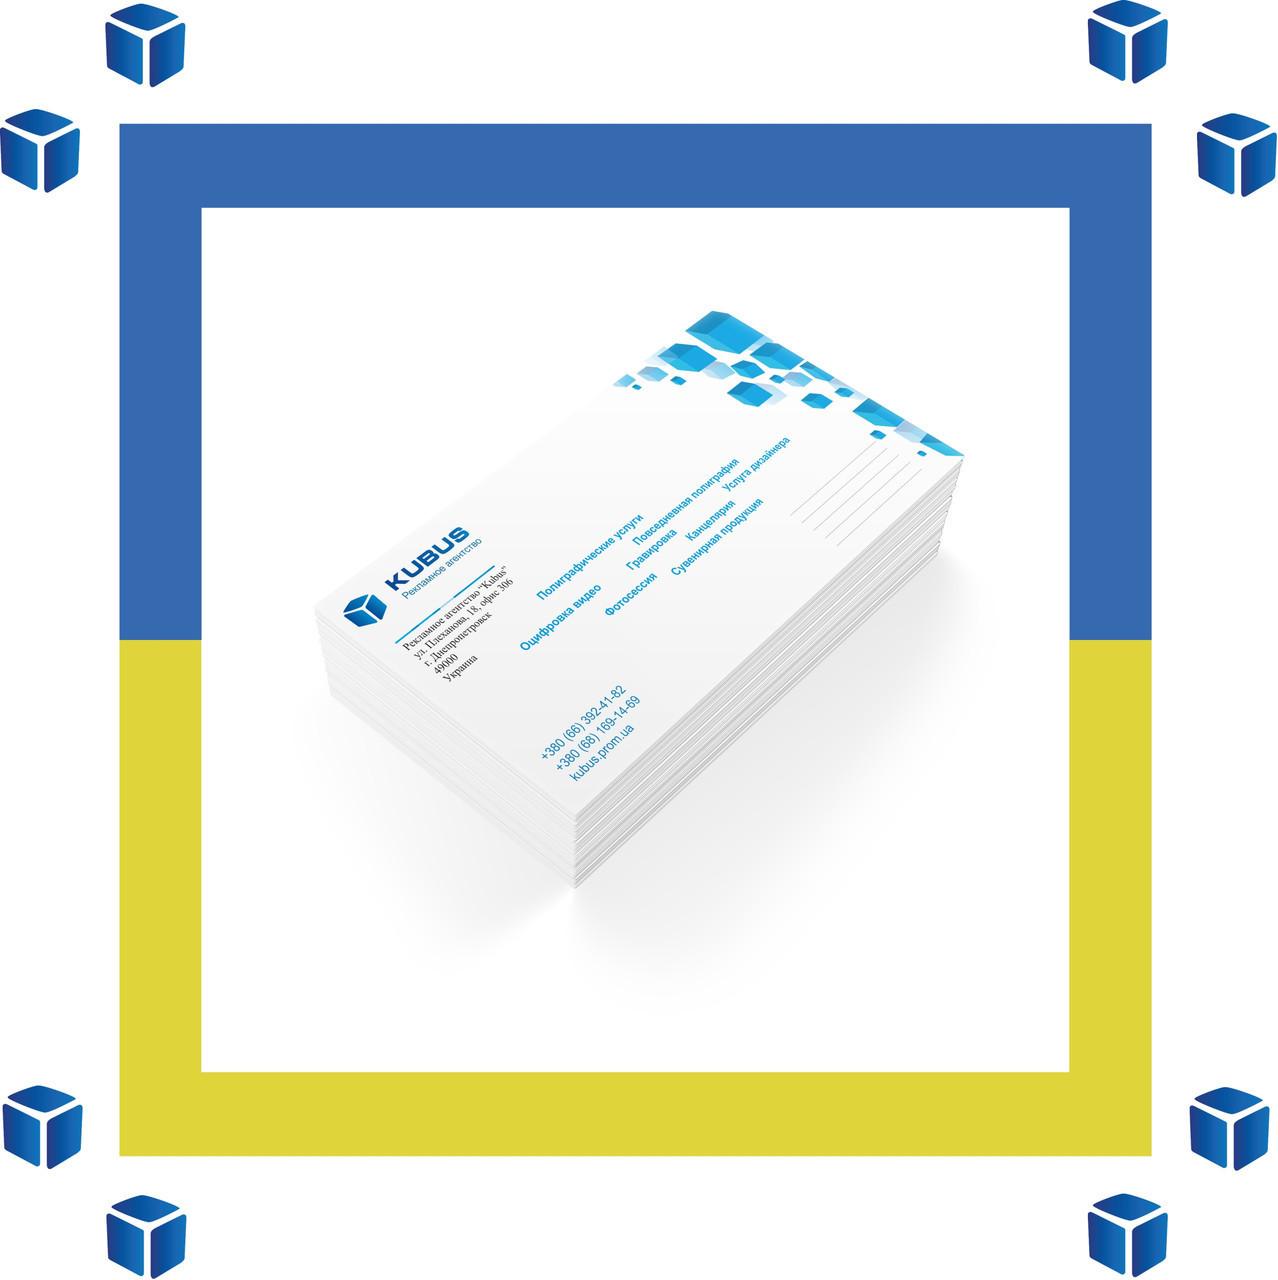 Печать на конвертах формата ТВ4 4+0 (цветные односторонние)Онлайн